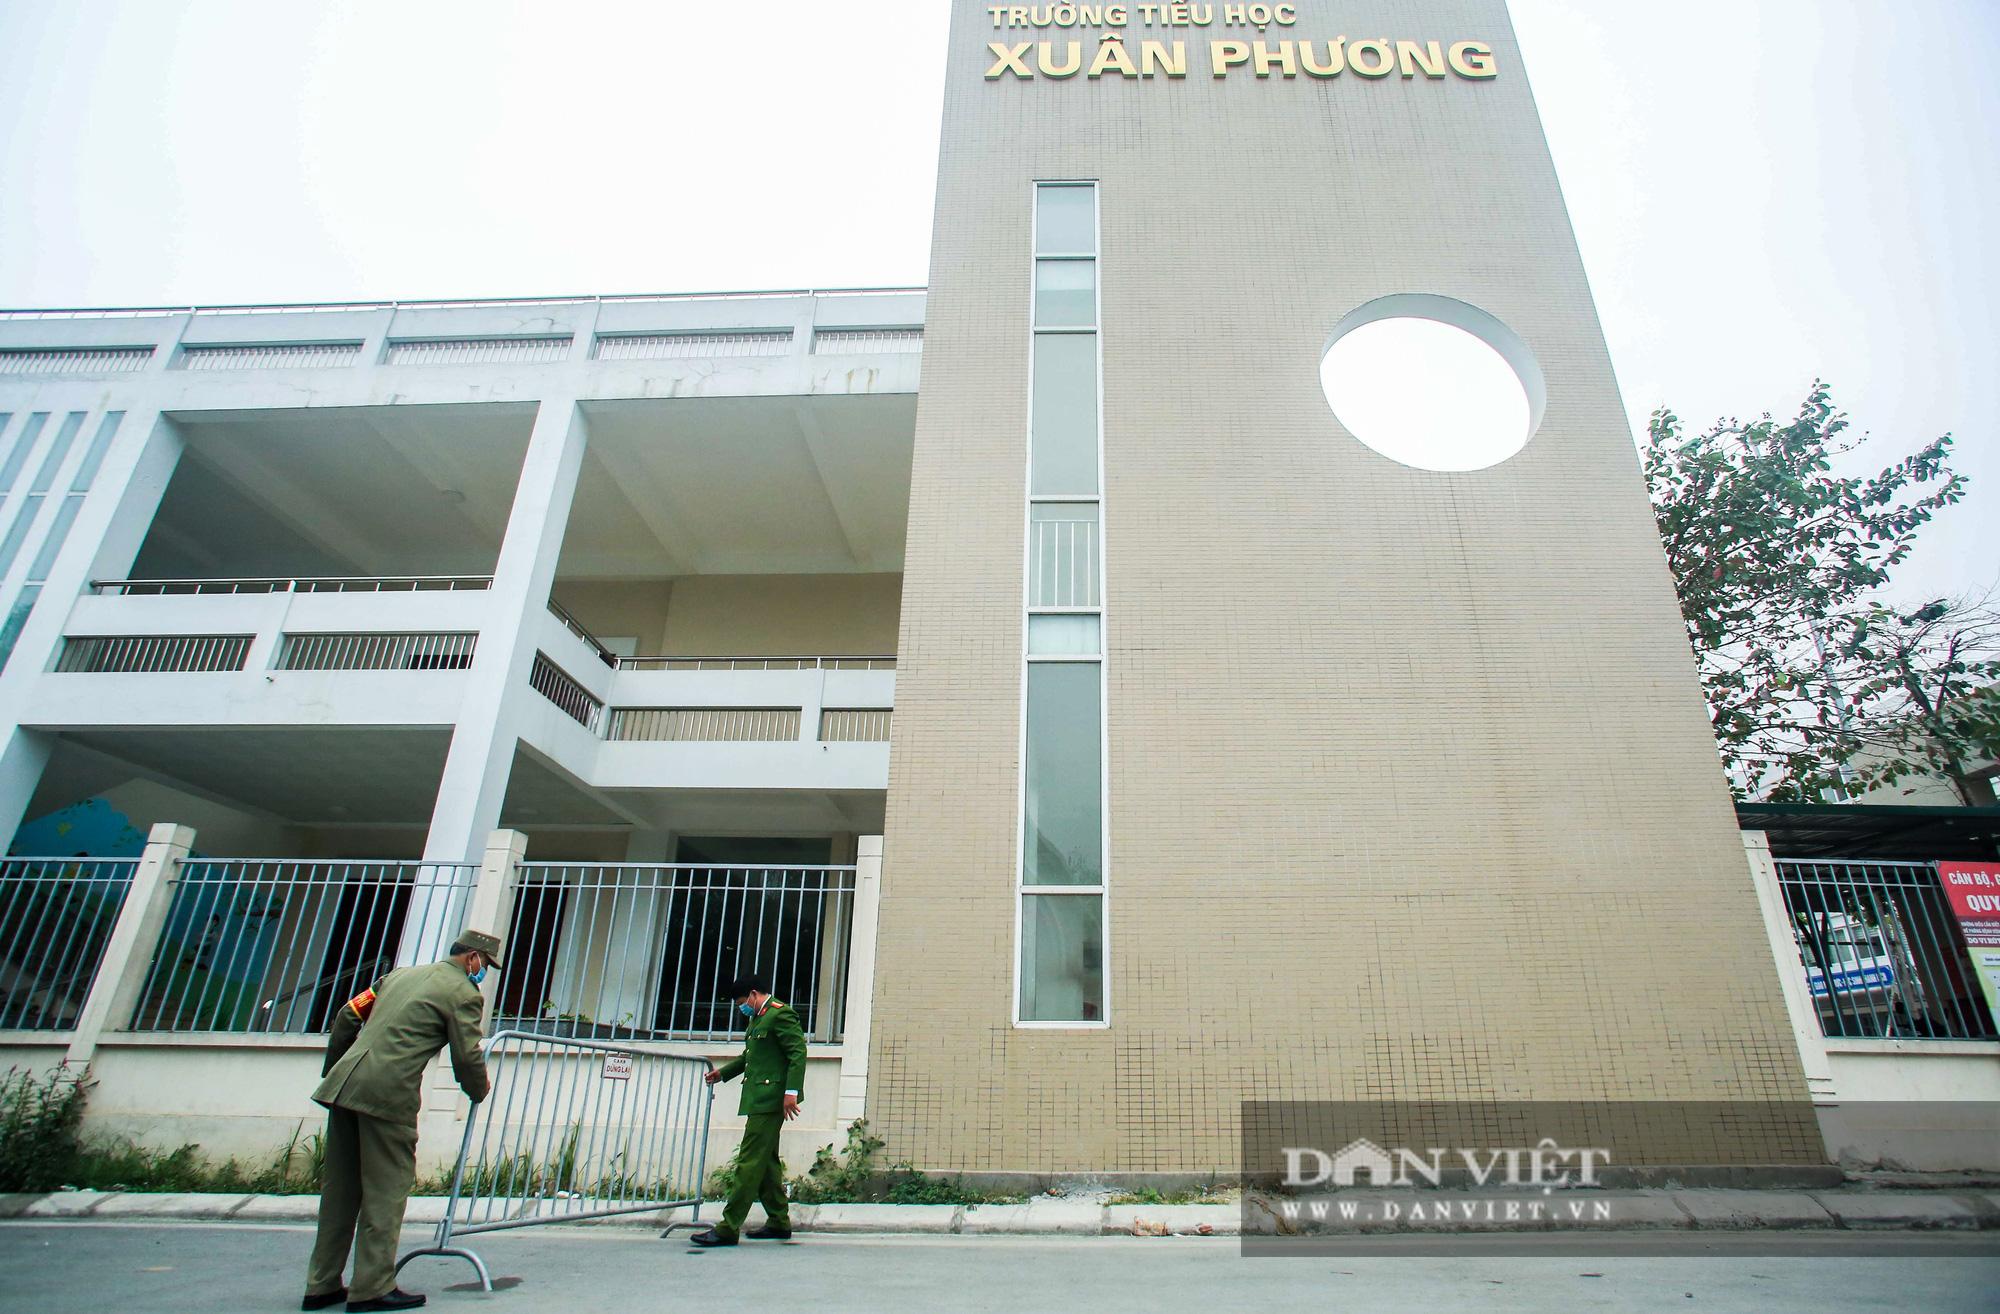 Mang mỳ tôm, bim bim cho các em học sinh bị cách ly tại trường tiểu học Xuân Phương - Ảnh 1.